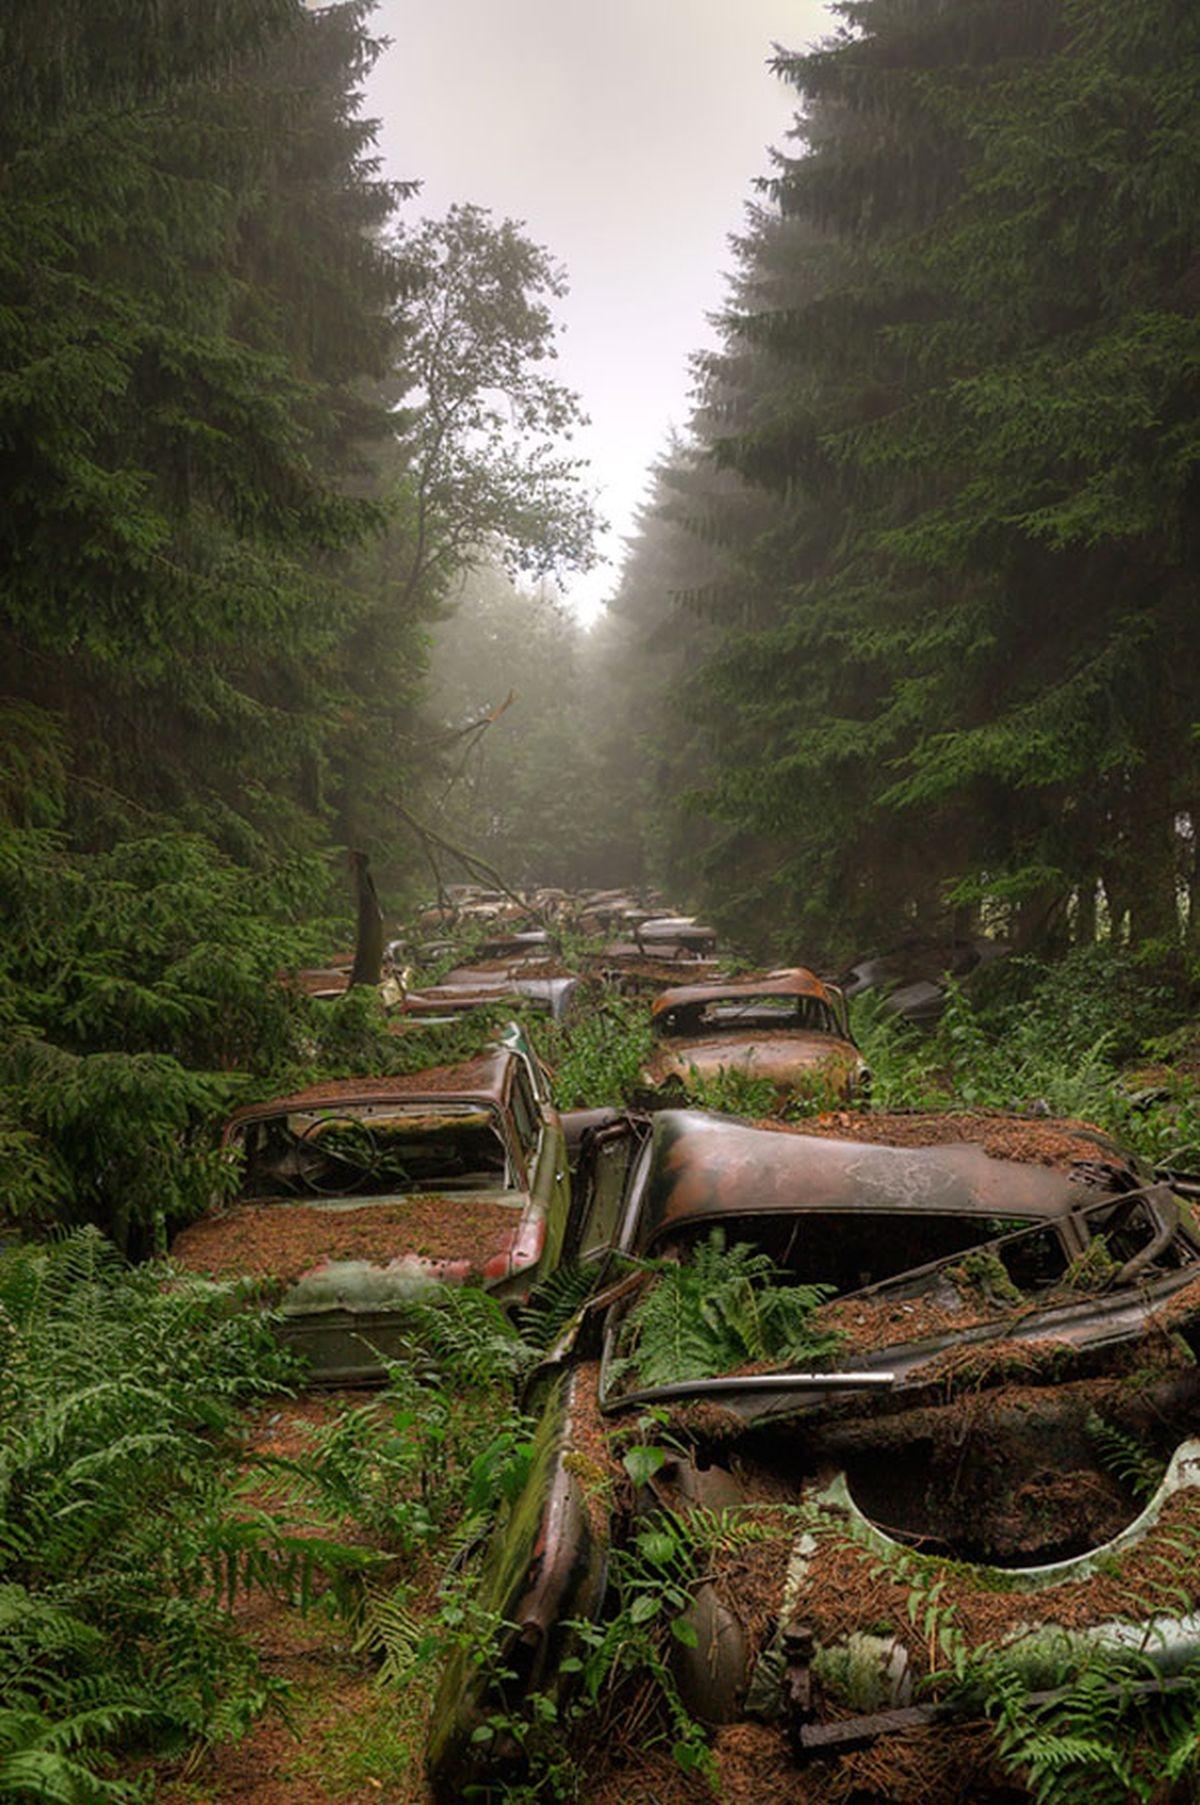 """Có đến bốn khu """"Nghĩa địa xe hơi"""" tại Chatillon, với hơn 500 chiếc xe cổ"""